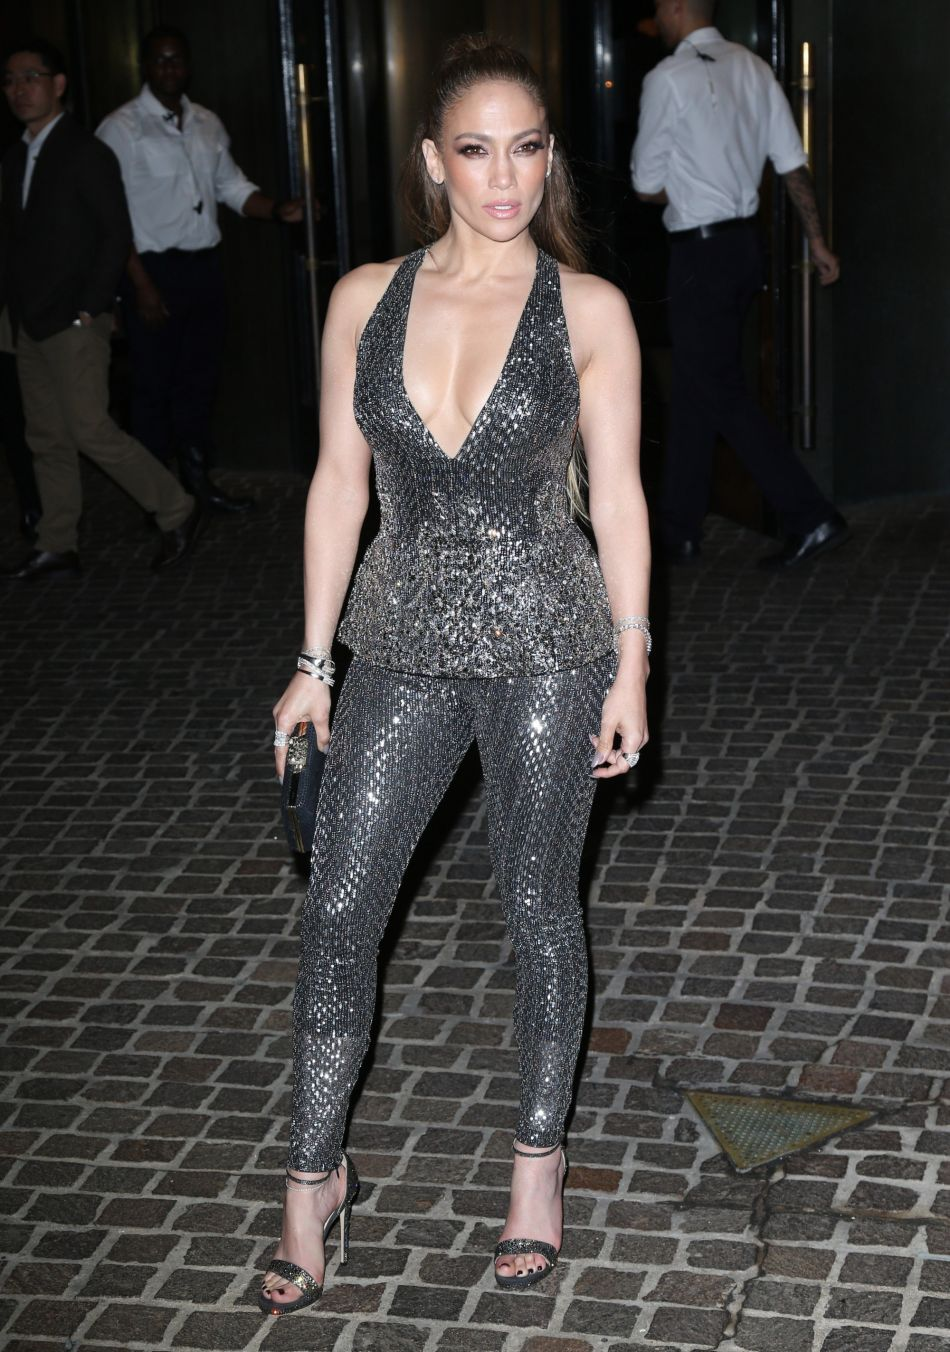 J-Lo fait le buzz en prenant une pose lascive et apparaissant sans culotte sur Instagram.